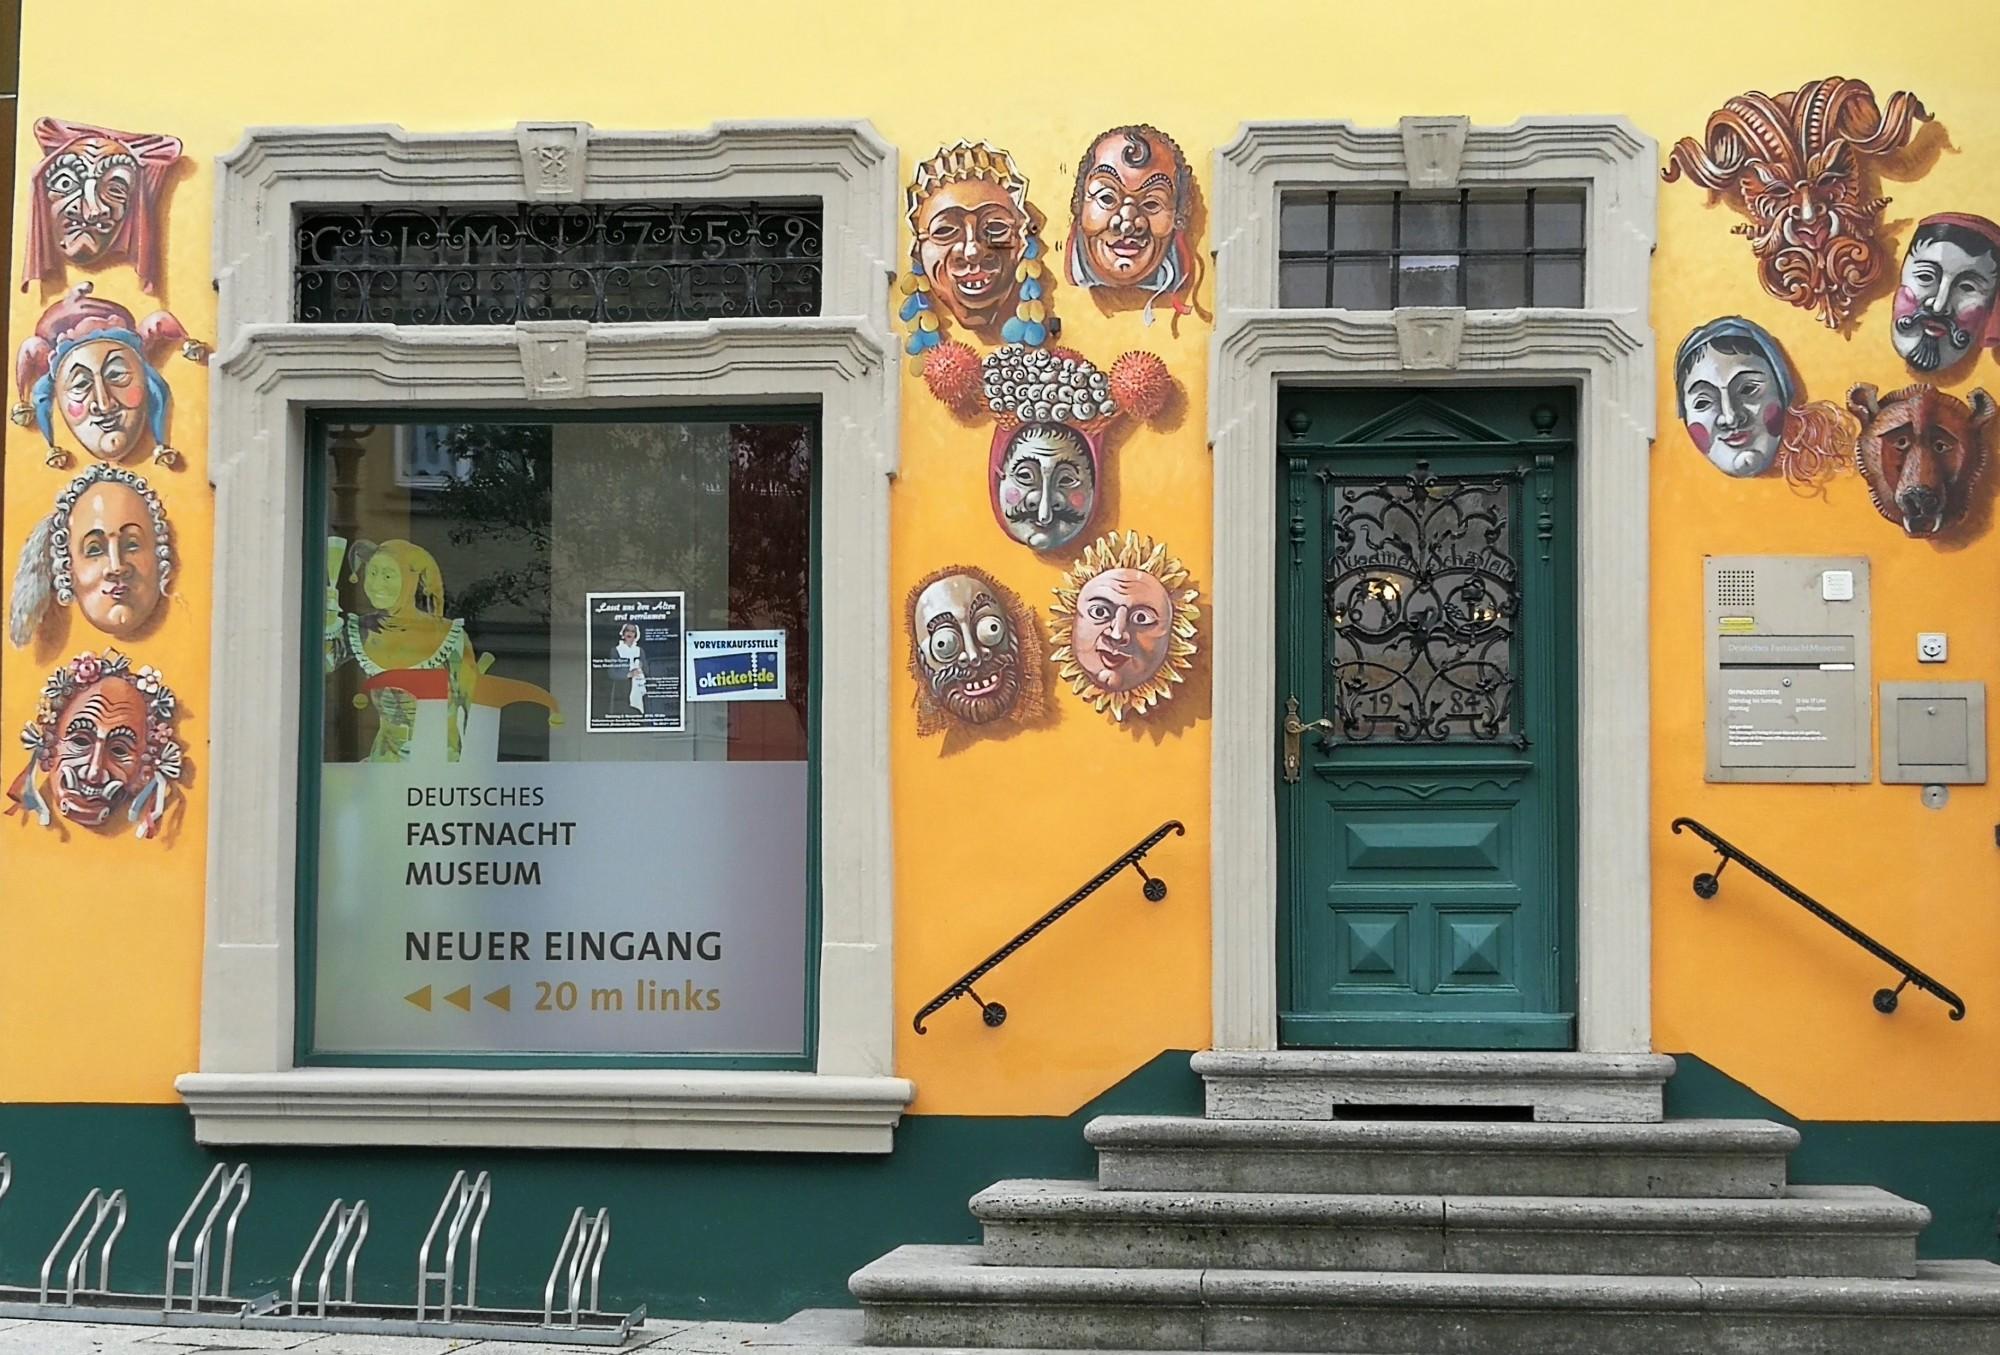 Deutsches Fastnachtsmuseum